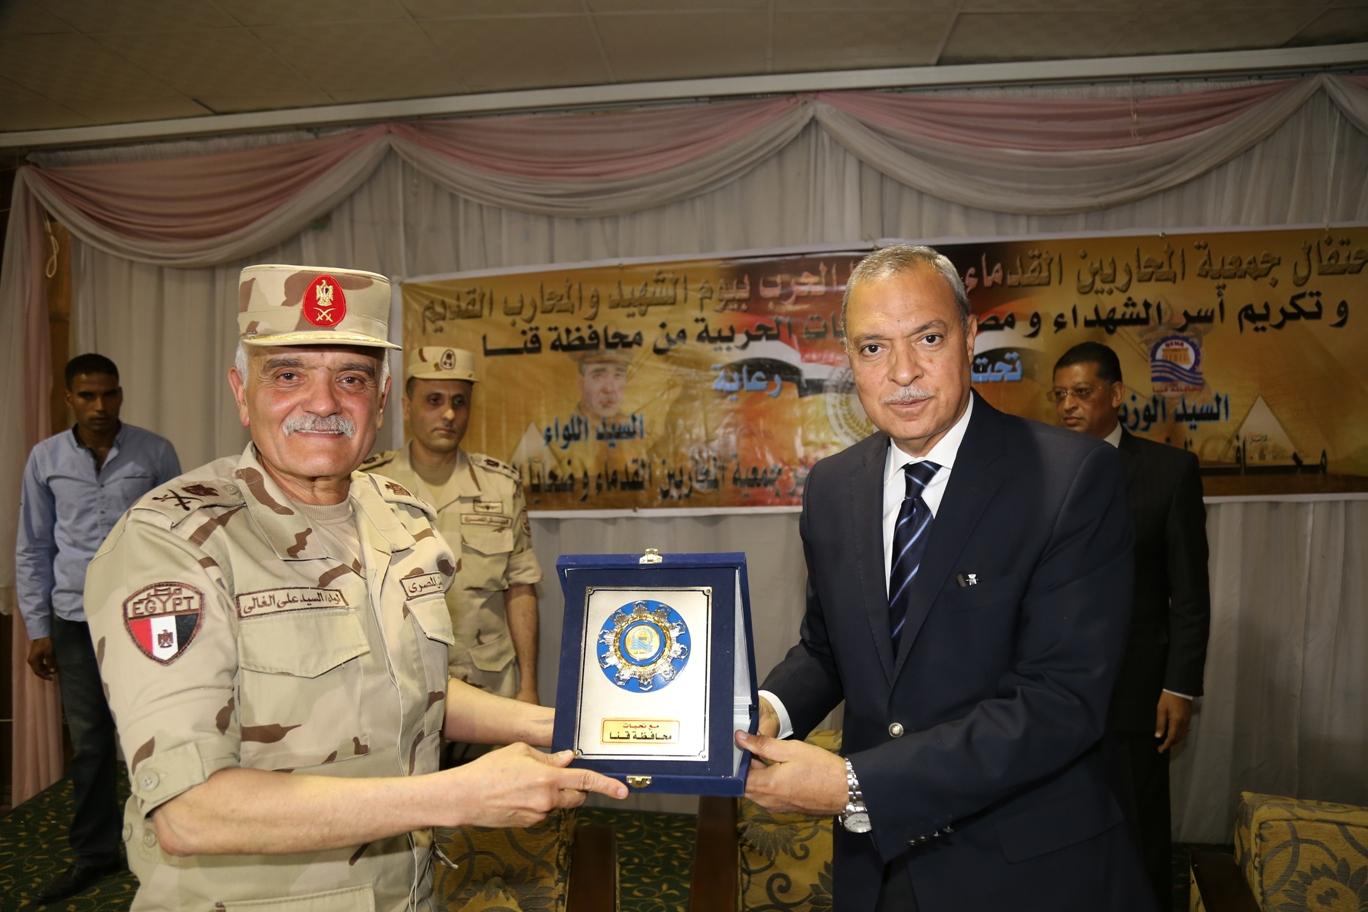 محافظ قنا ومدير جمعية المحاربين خلال حفل التكريم (7)